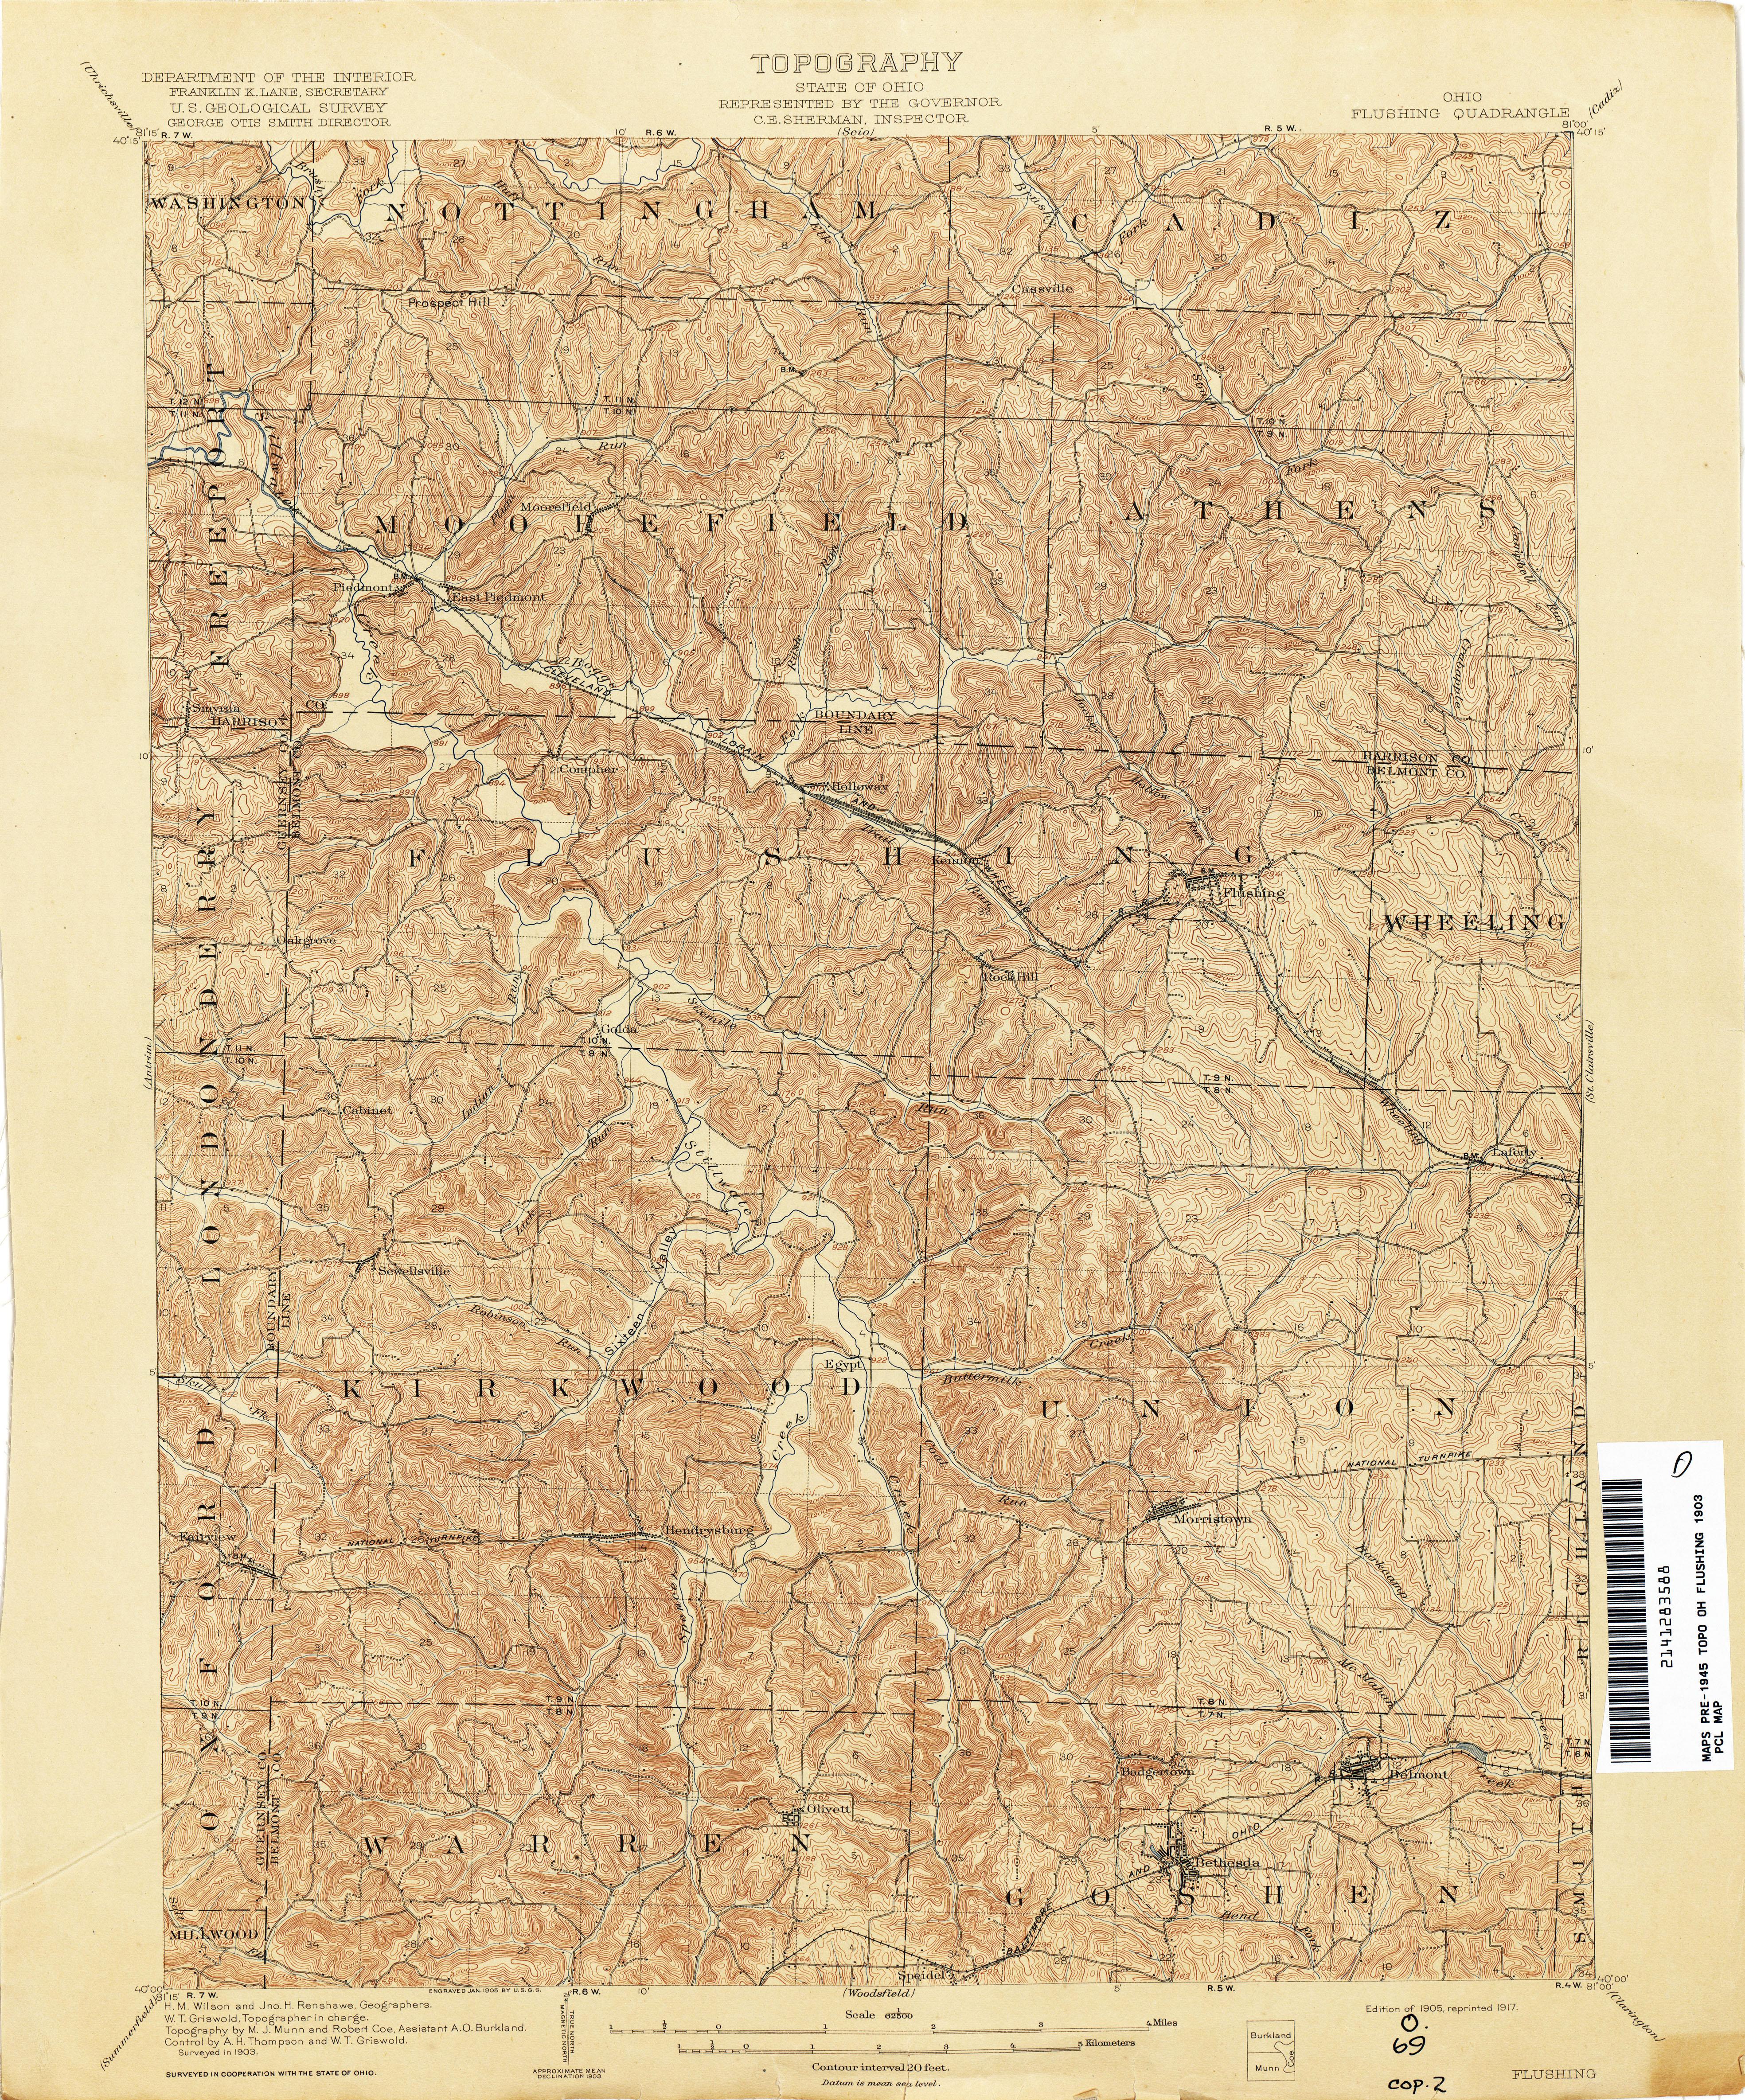 Ohio belmont county flushing - Flushing Quad 1903